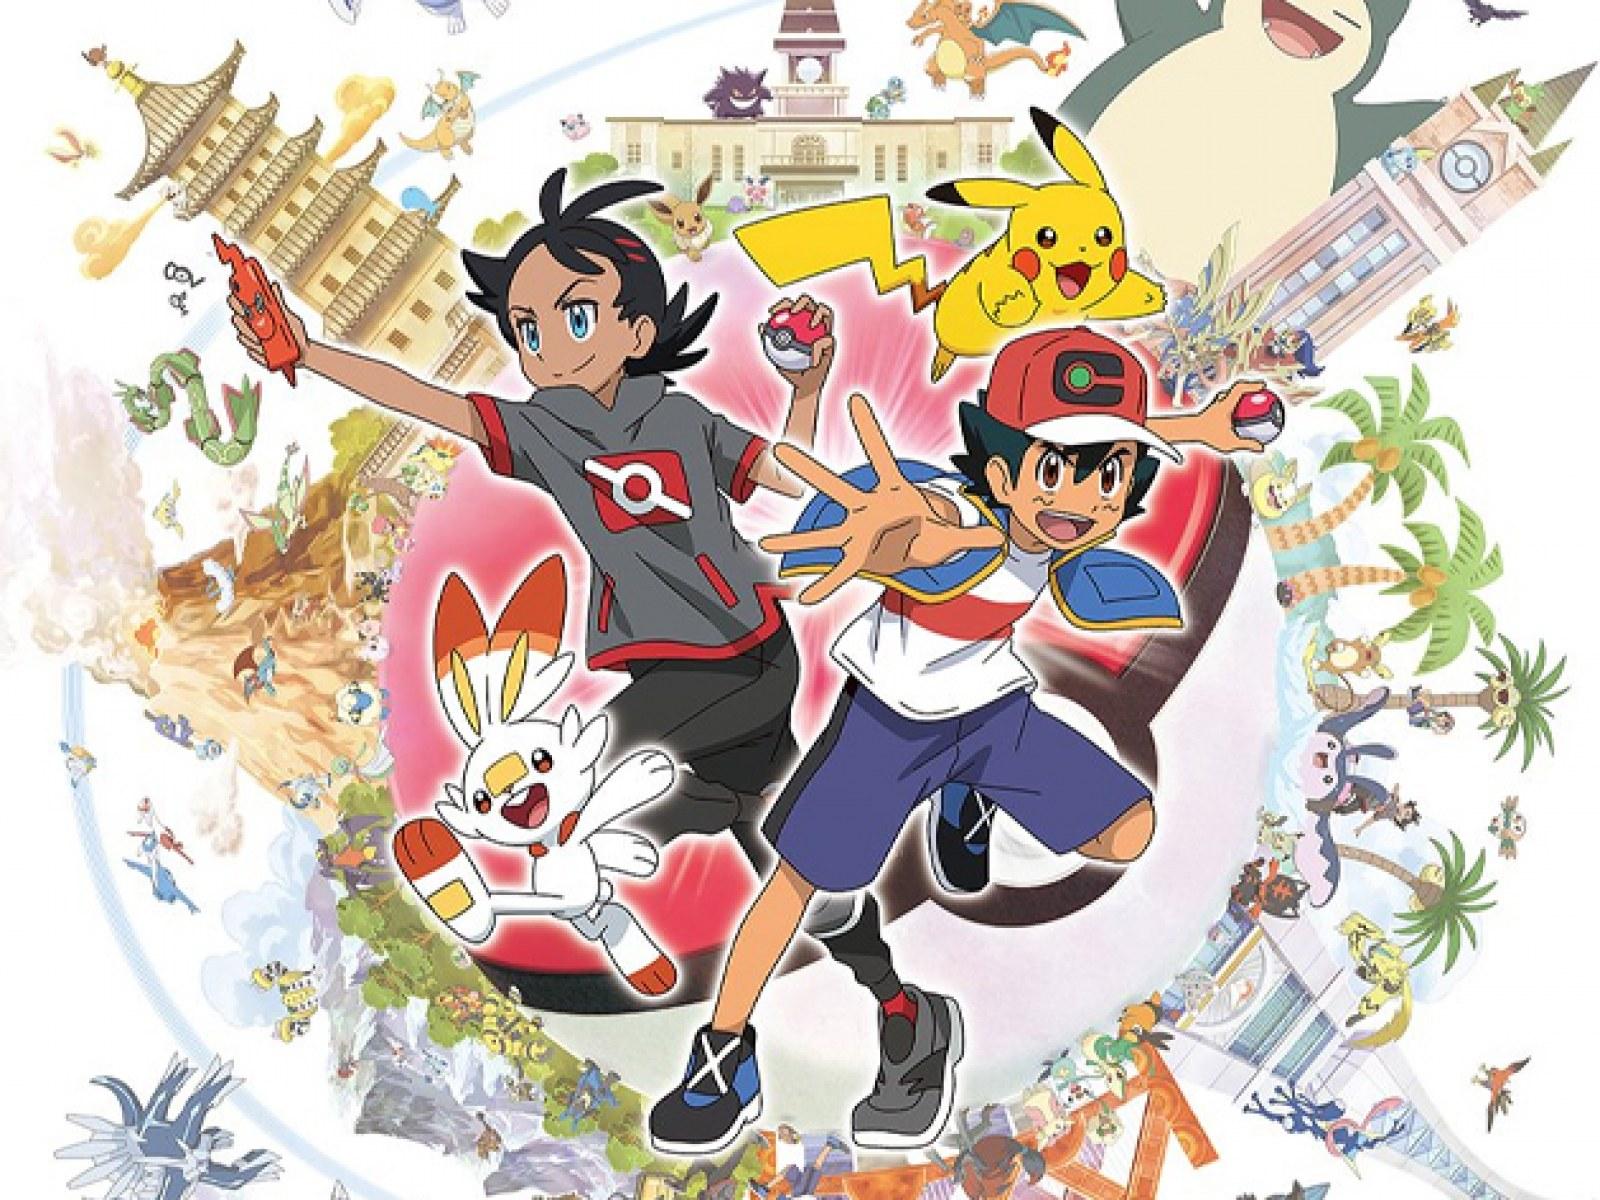 La fan-art Pokémon di un bambino diventa un collezionabile thumbnail